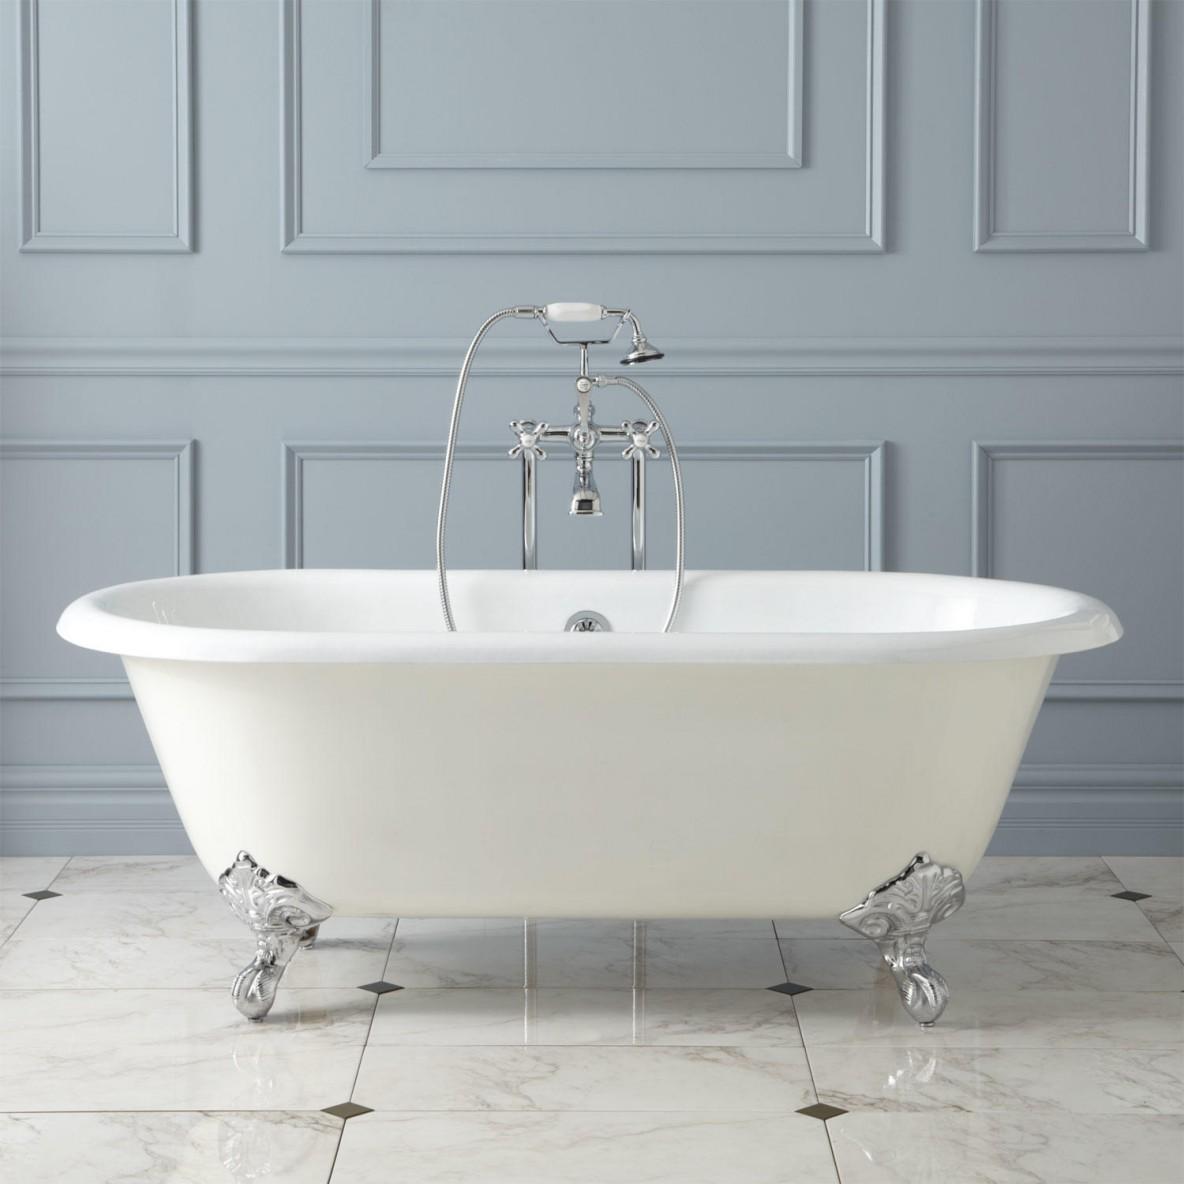 Clawfoot Bathtub refinishing & restoration in San Diego